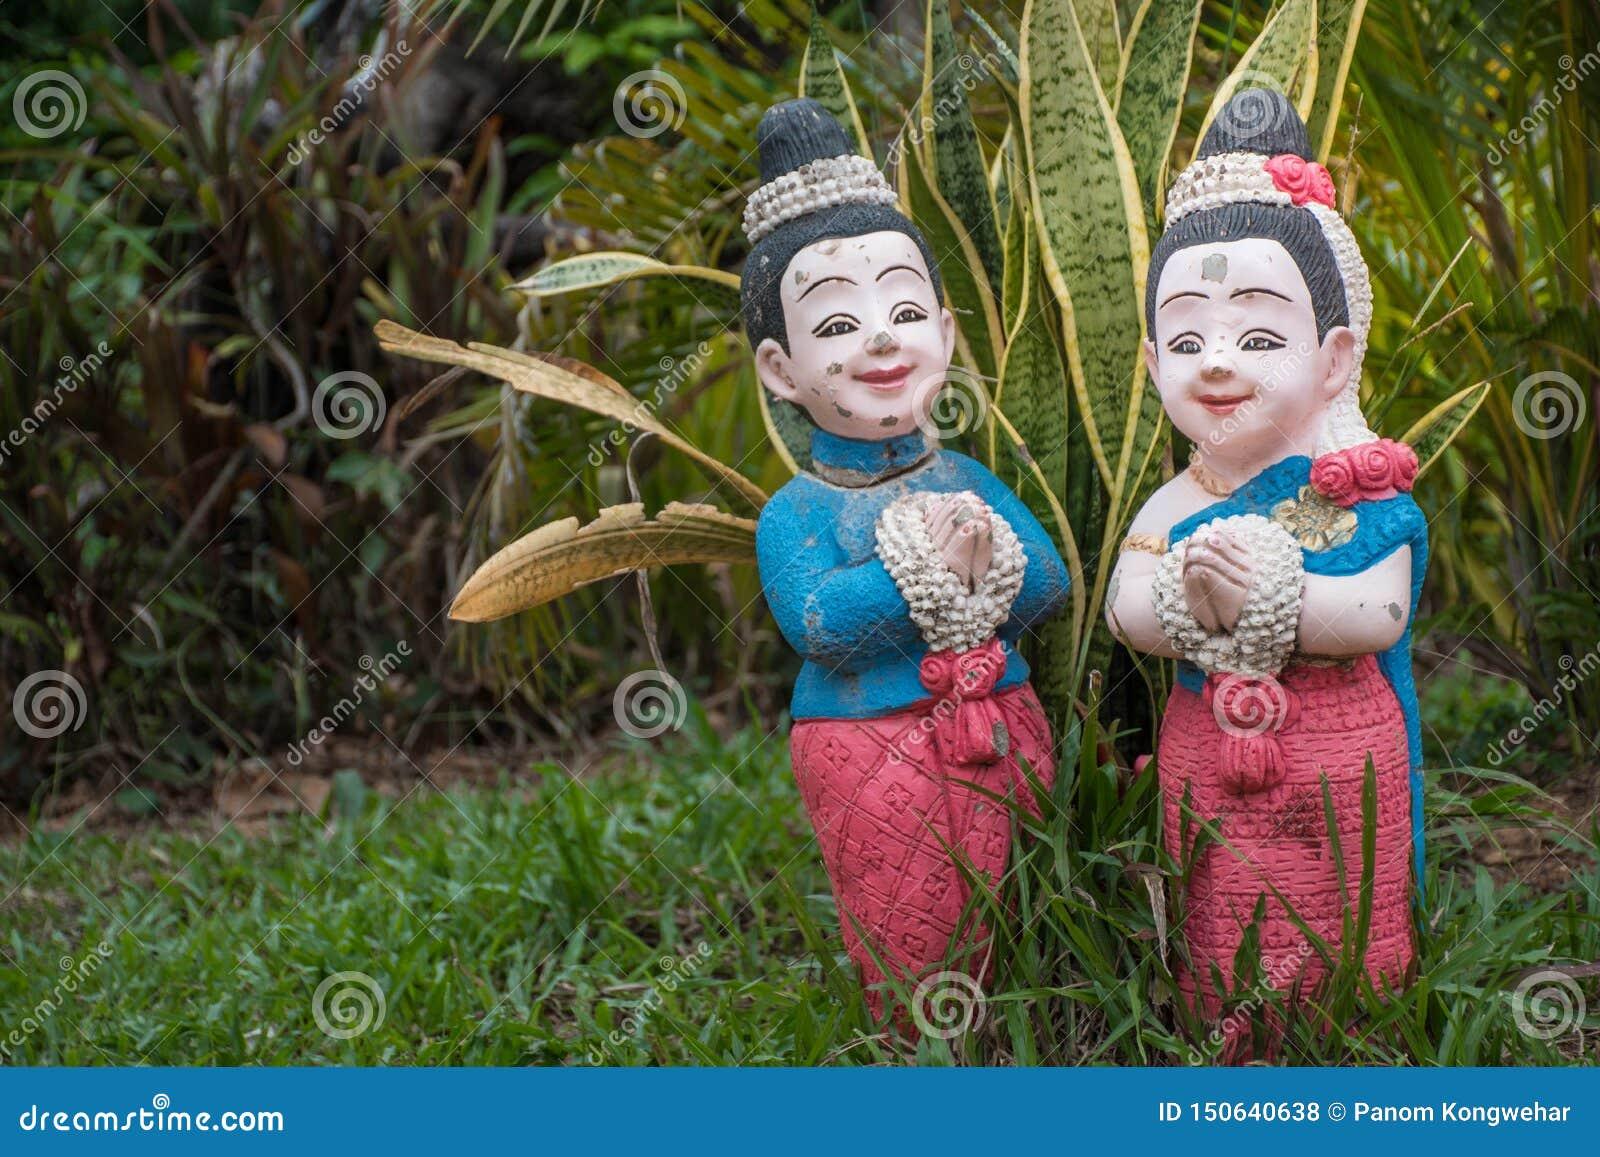 Тайская кукла